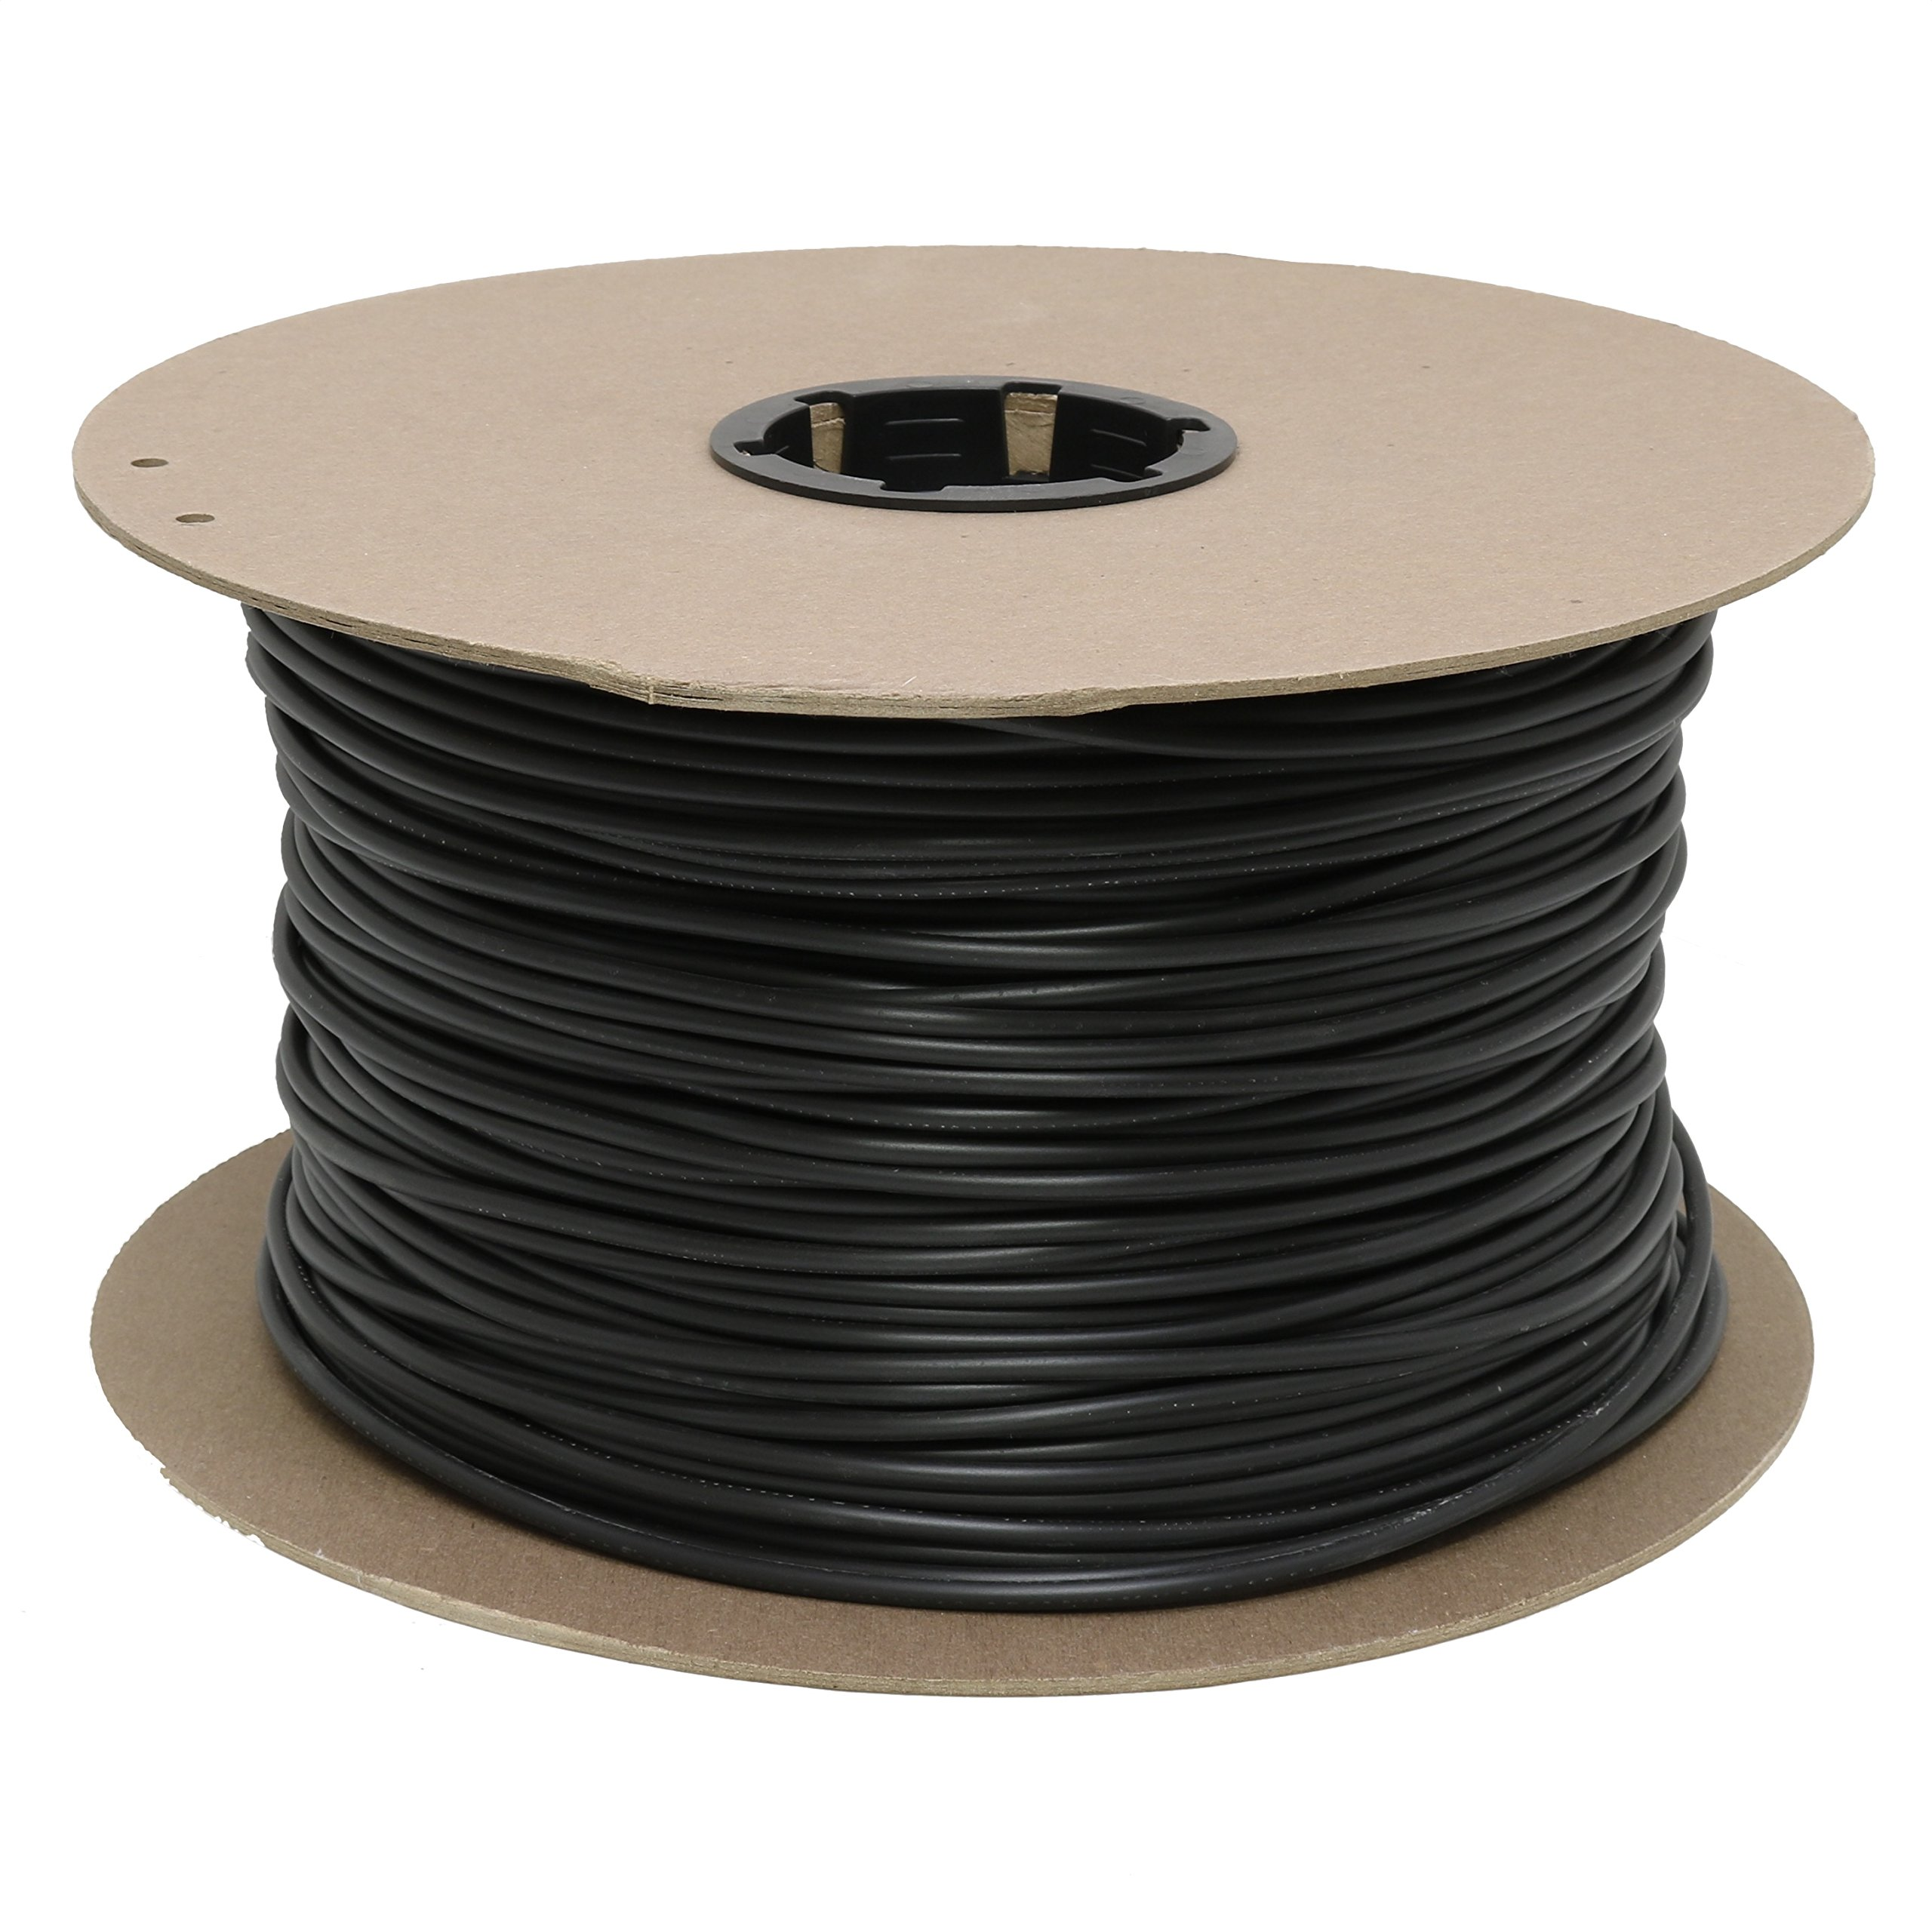 Drip Depot Vinyl Tubing - Size : 1/8 - Length : 1000' - Color : Black (Part 2254)